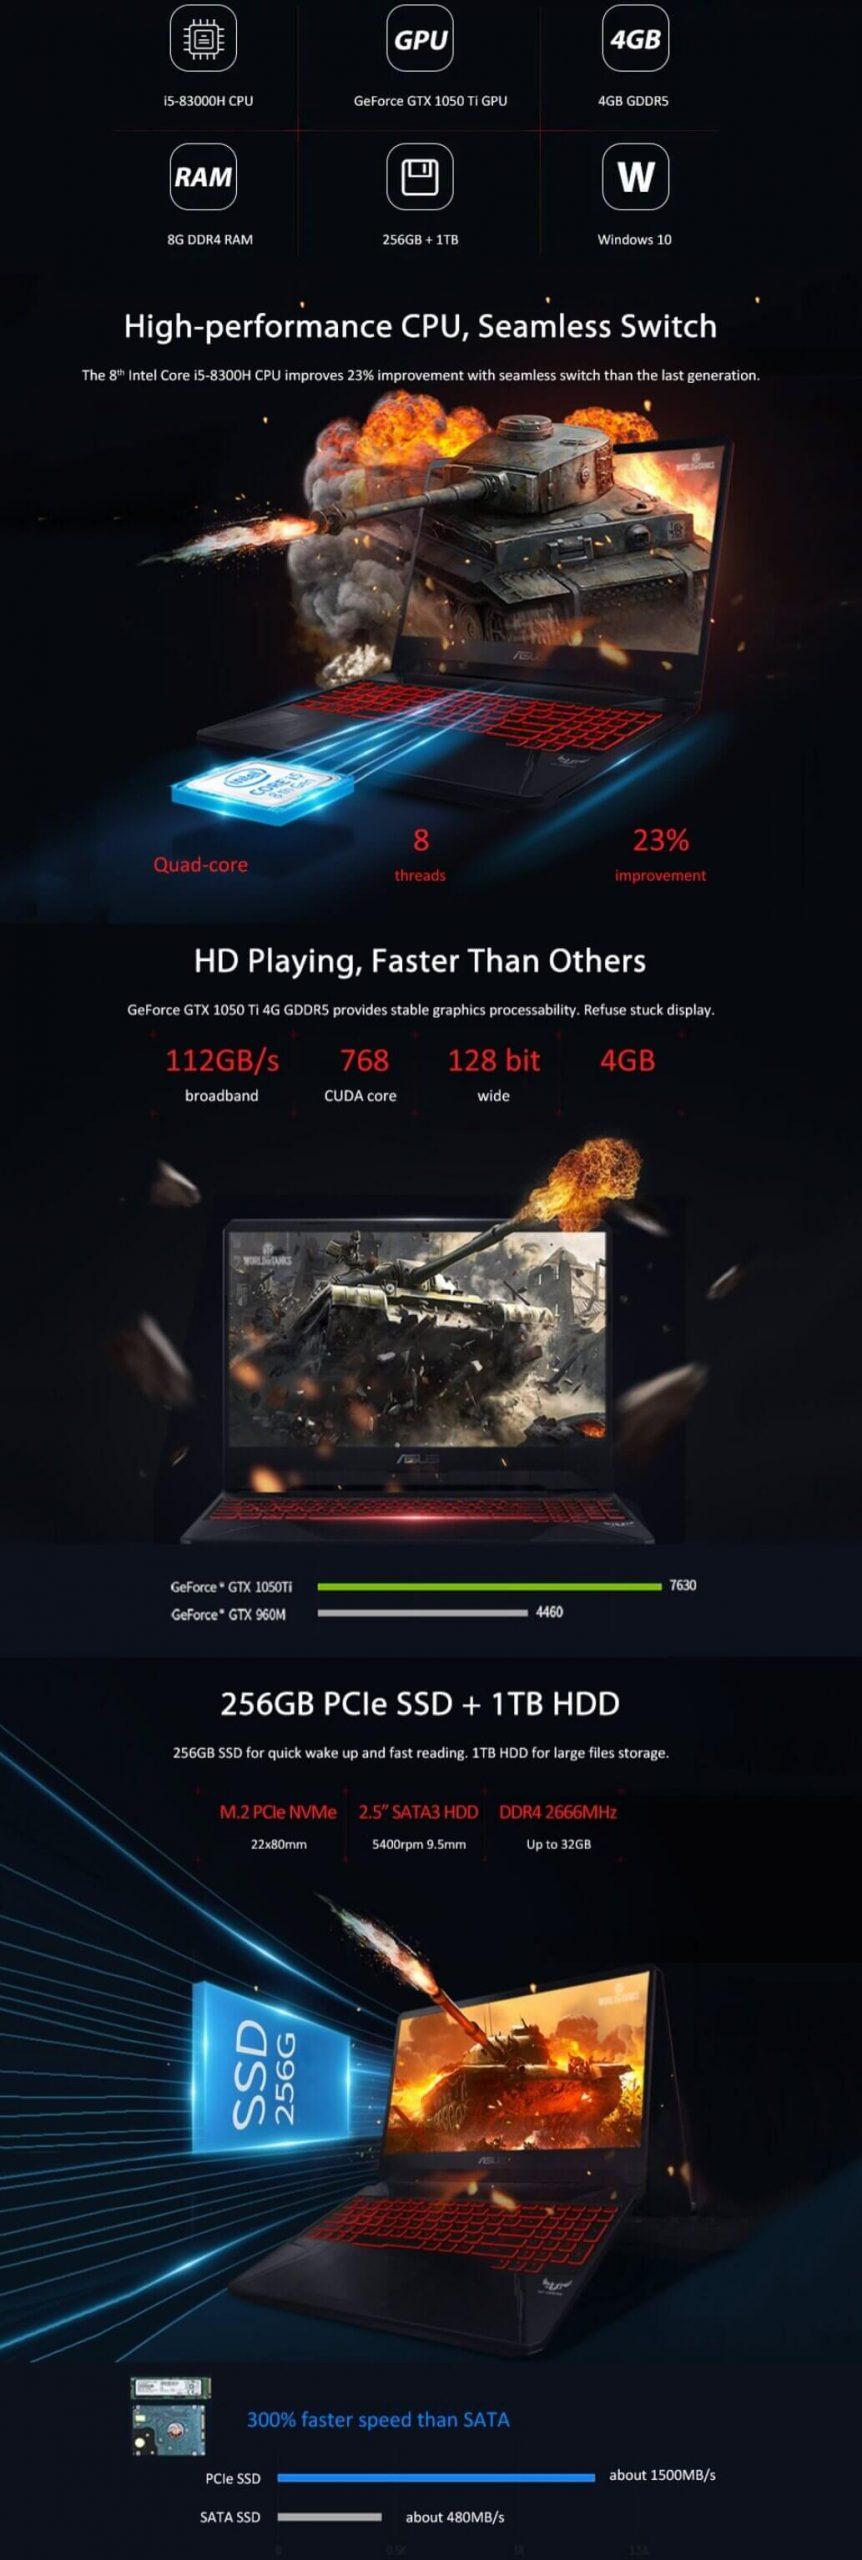 Black Color ASUS FX80 Gaming Laptop Sale - Asus Black Friday Deals 50% Off